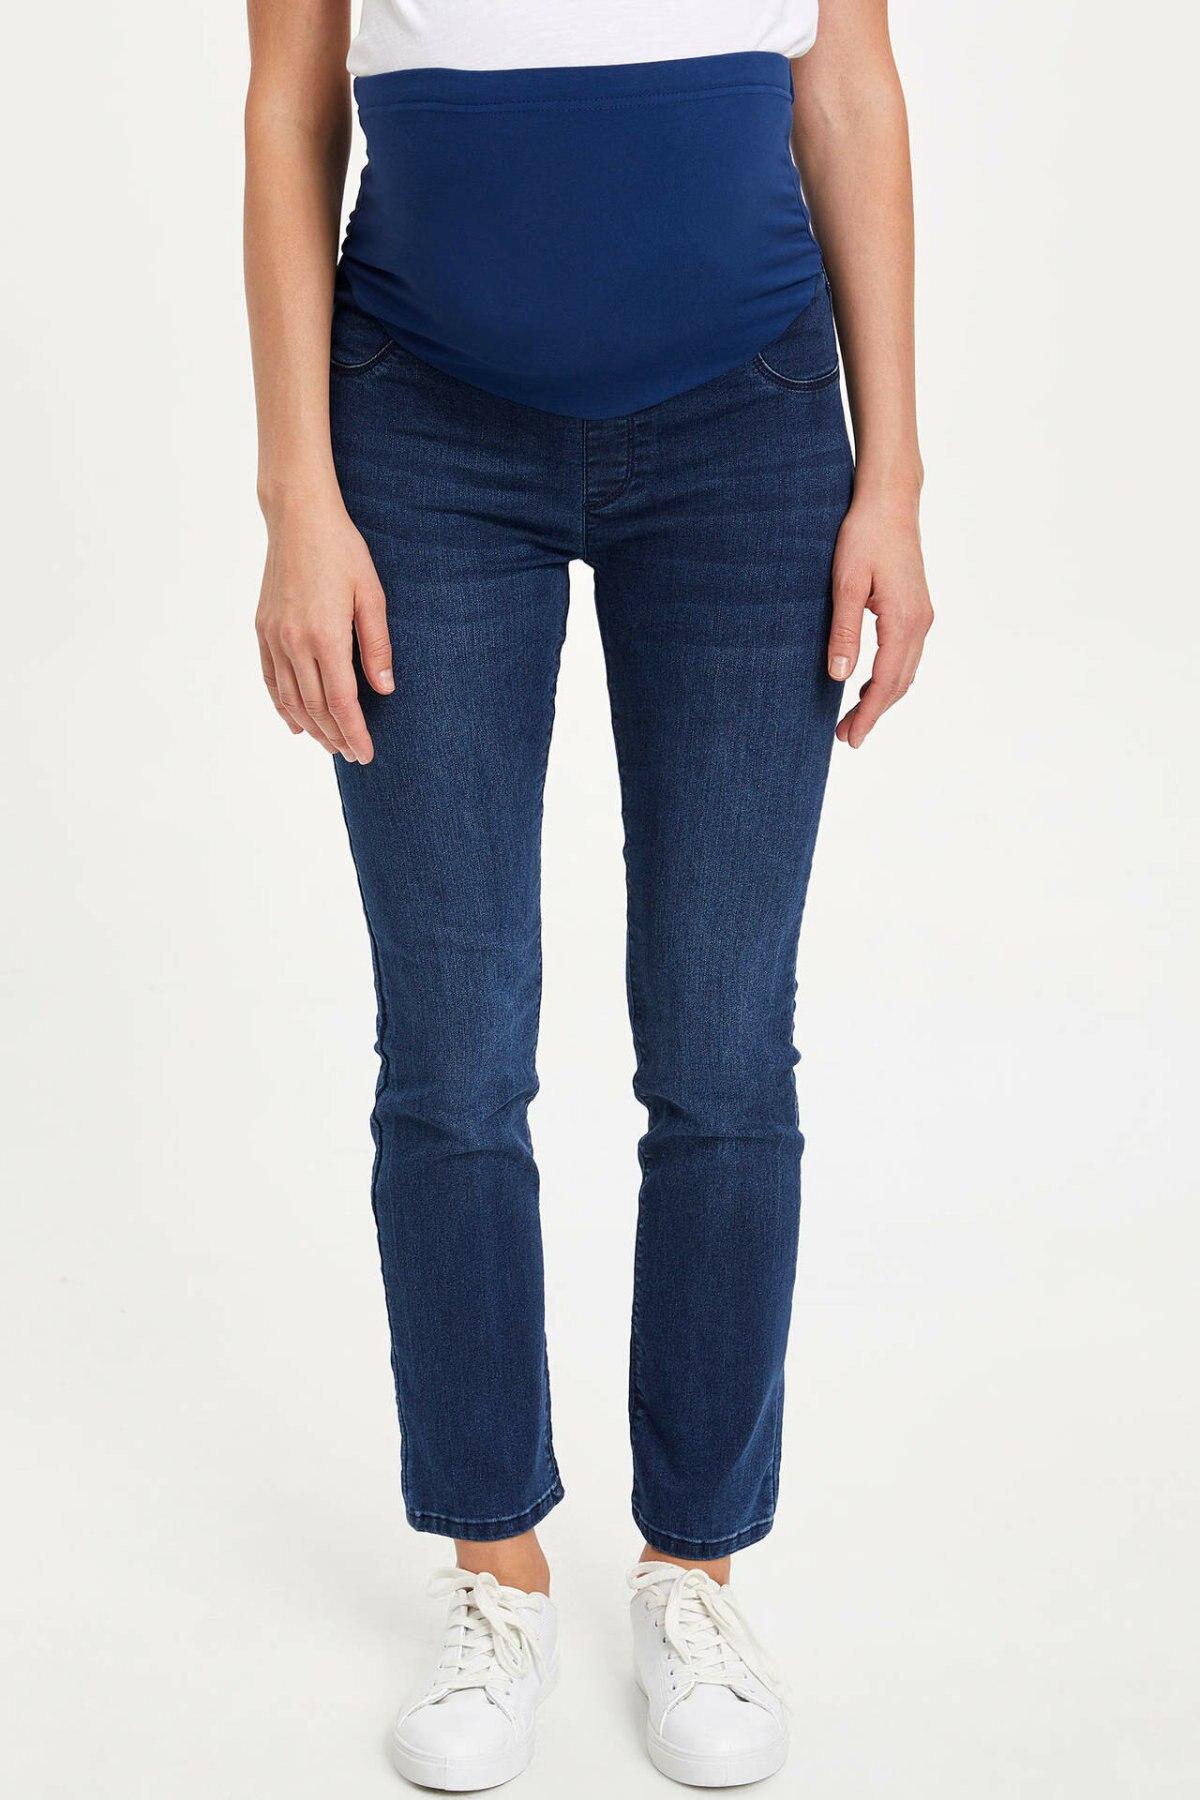 DeFacto Fashion Women Autumn Jeans Maternity Bottoms Ladies Casual Elastic Waist Comfort Denim Comfort Pants - L7950AZ19AU